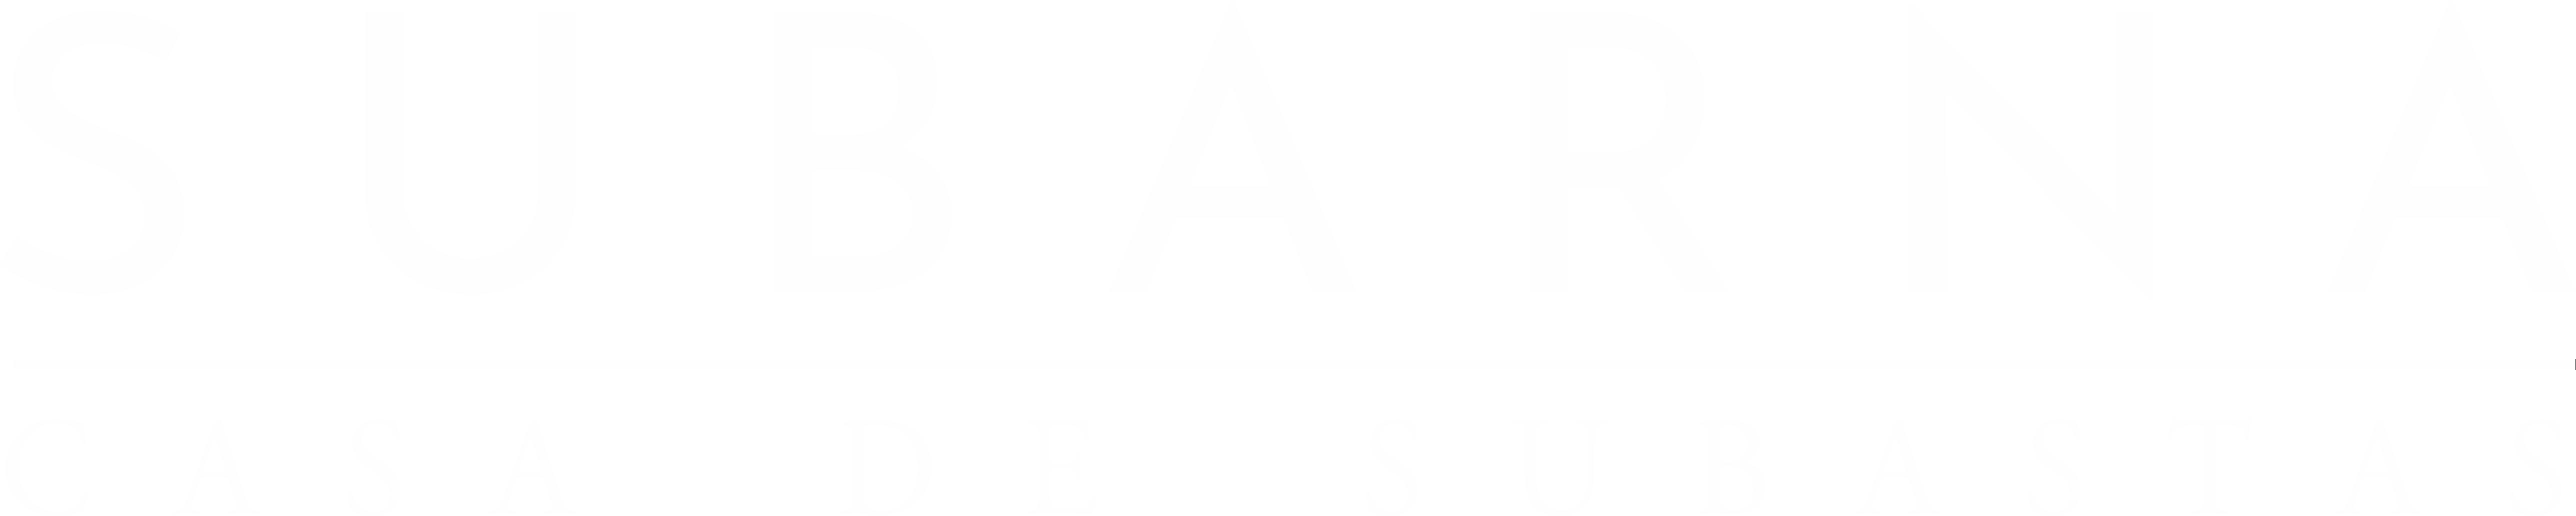 Subarna